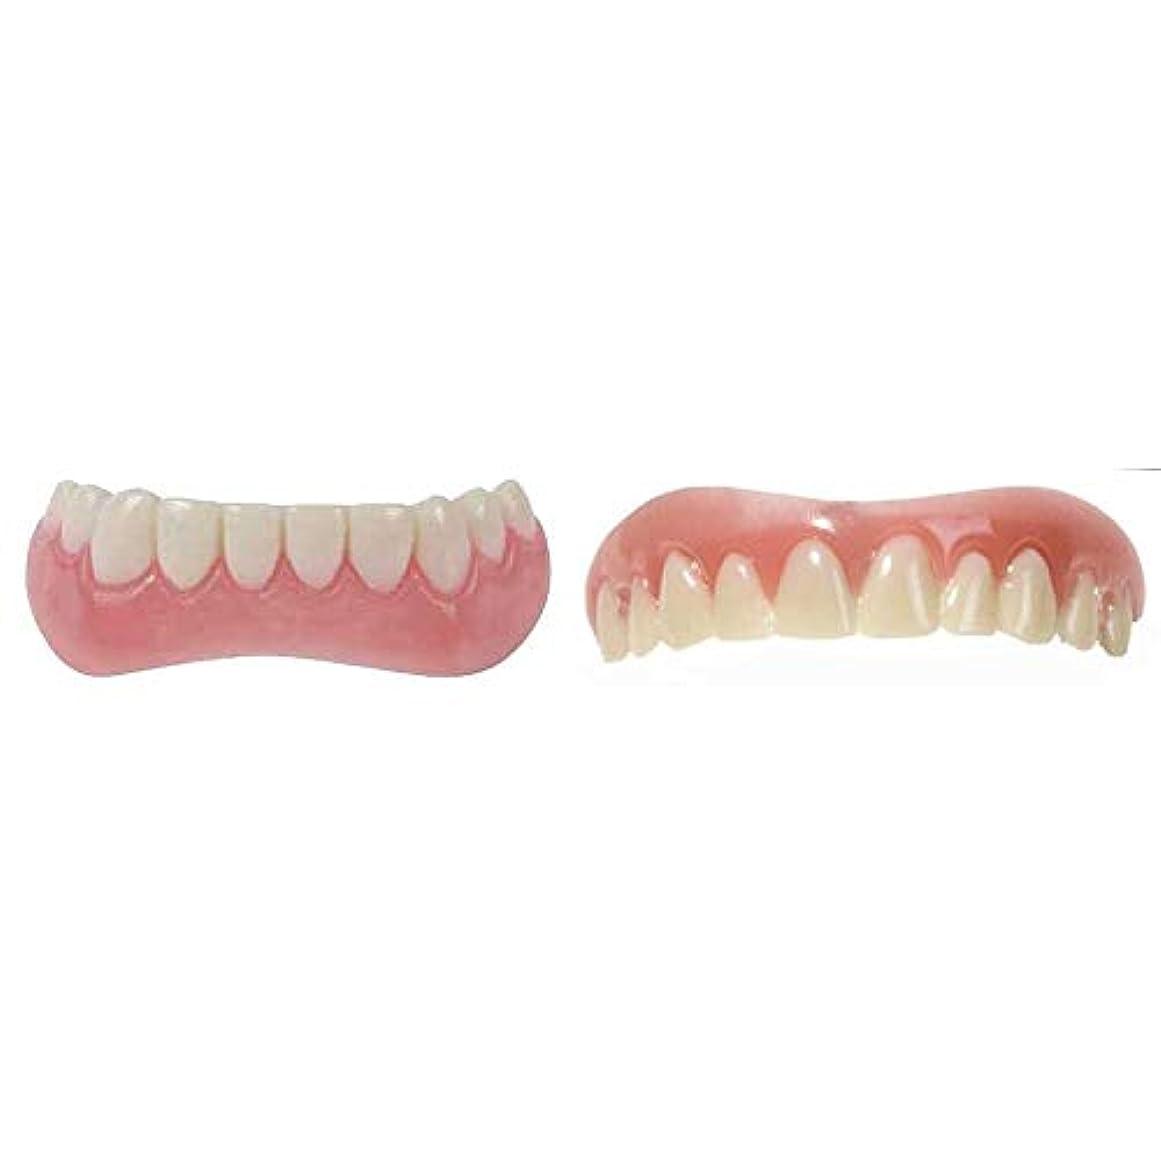 アクセスメニュー複雑でないインスタントスマイル 下歯用 & instantsmile(インスタントスマイル) インスタントスマイル Mサイズ 単品